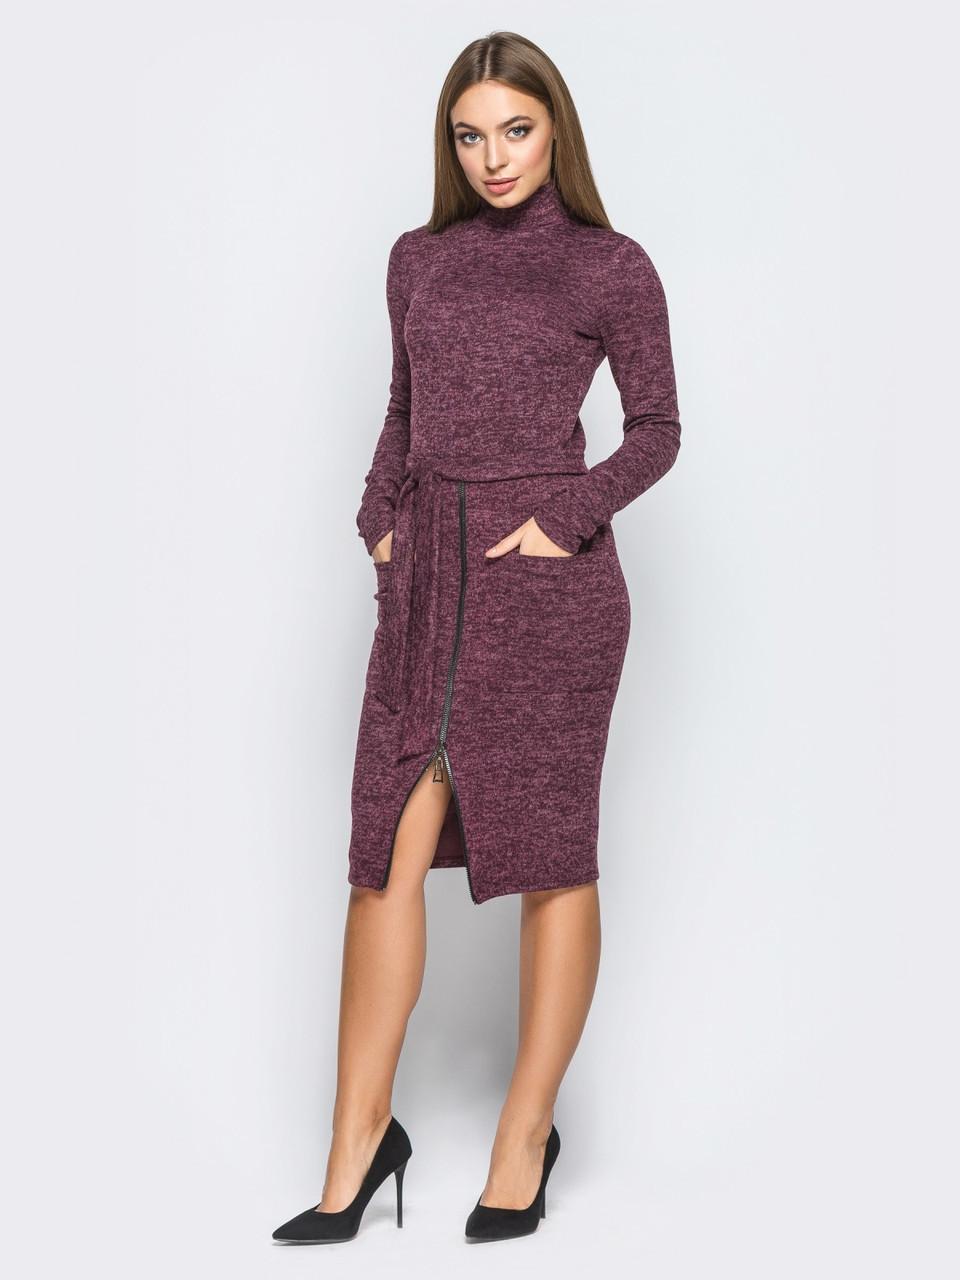 08cdc6b5cf9 👶Облегающее платье с накладными карманами и поясом (фиолетовое)   44